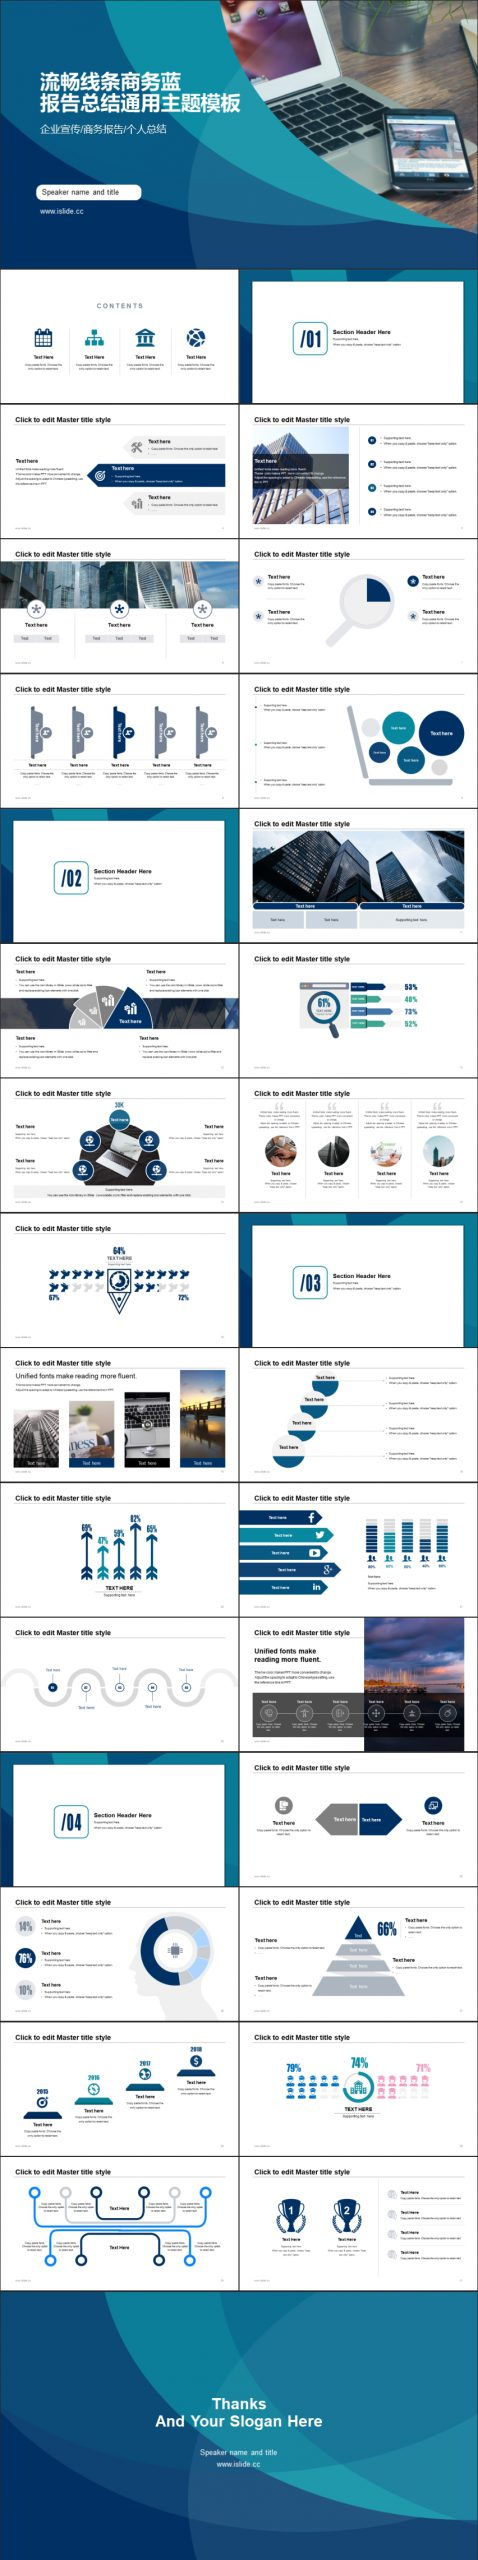 蓝色流畅线条商务报告PPT模板下载_预览图2